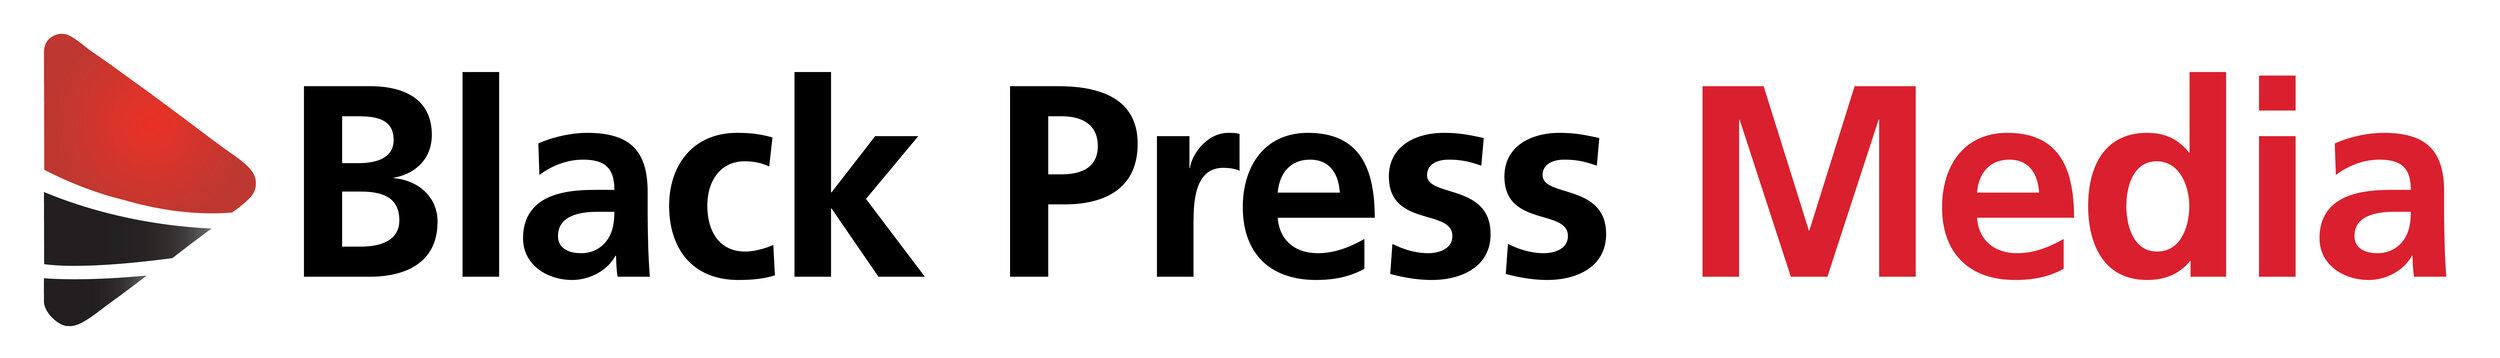 BlackPressMedia_HORZ_CMYK-01.jpg